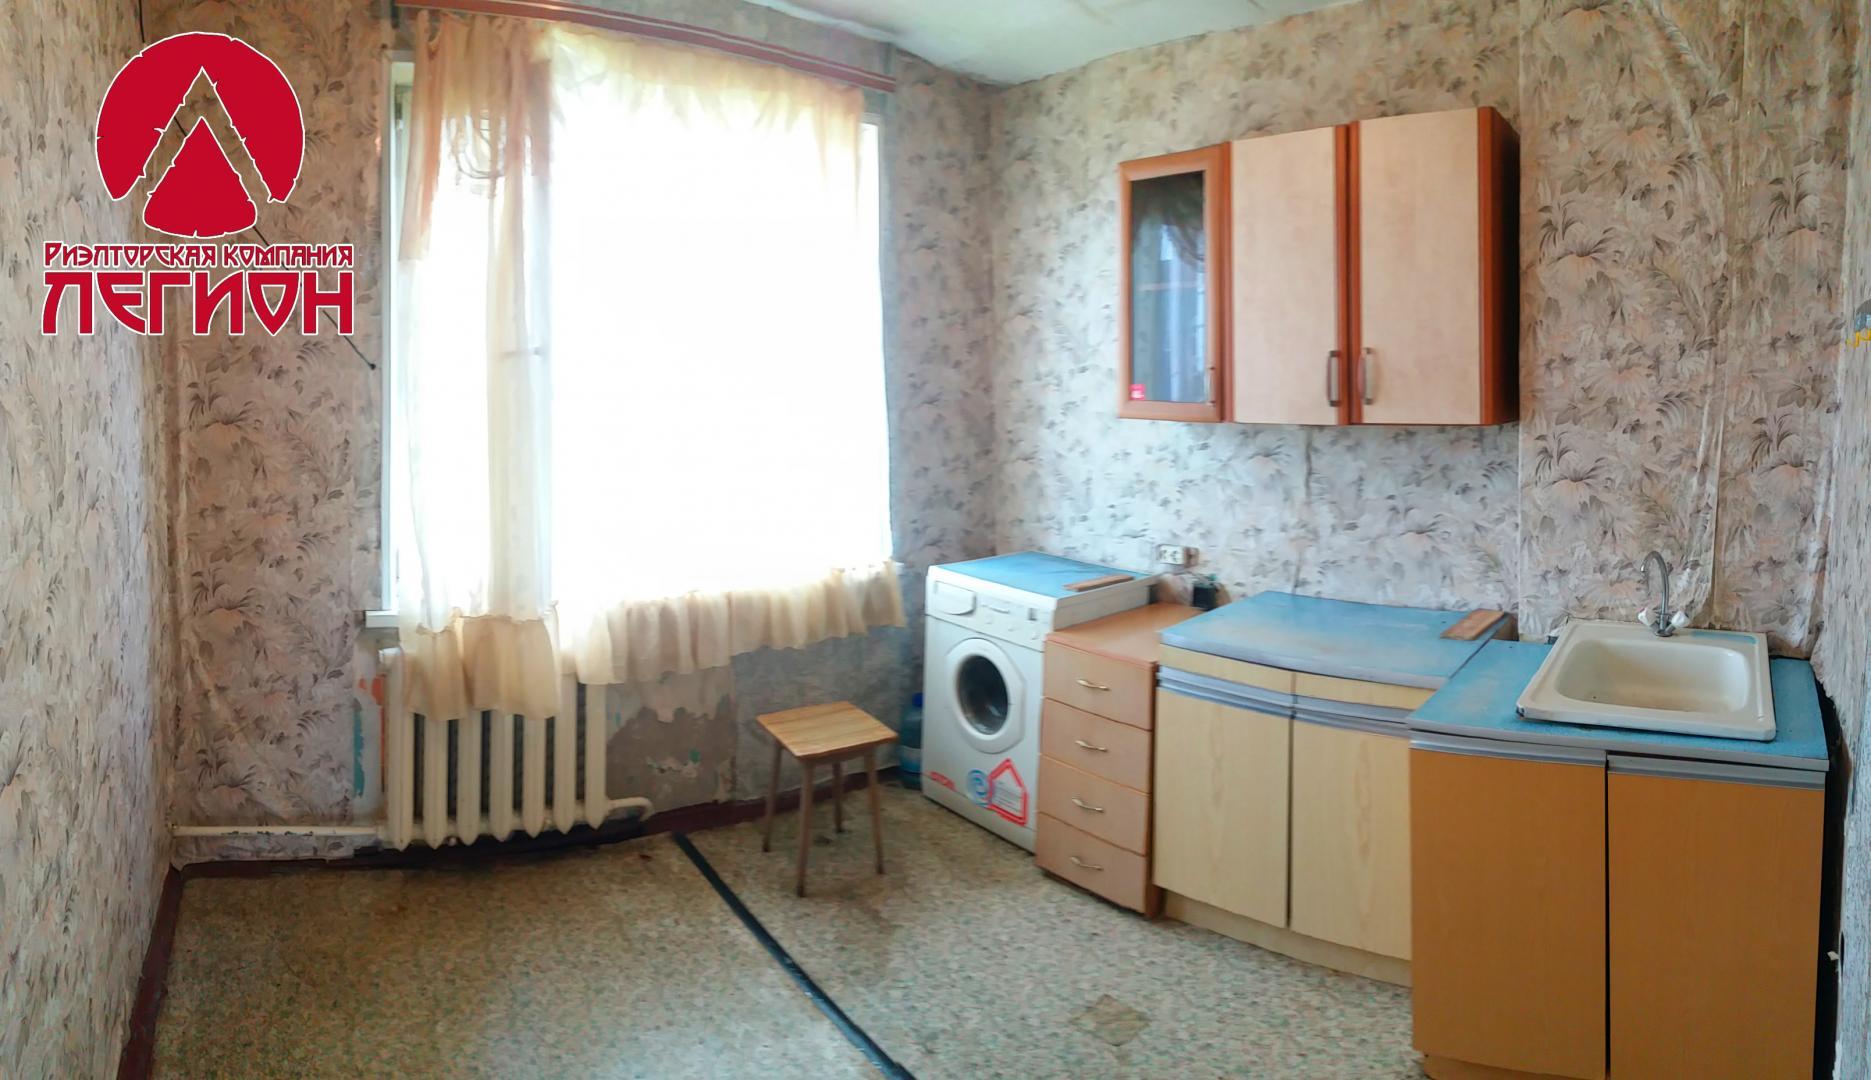 Квартира без ремонта, что дает вам возможность реализовать свои фантазии, а не переделывать чужое.